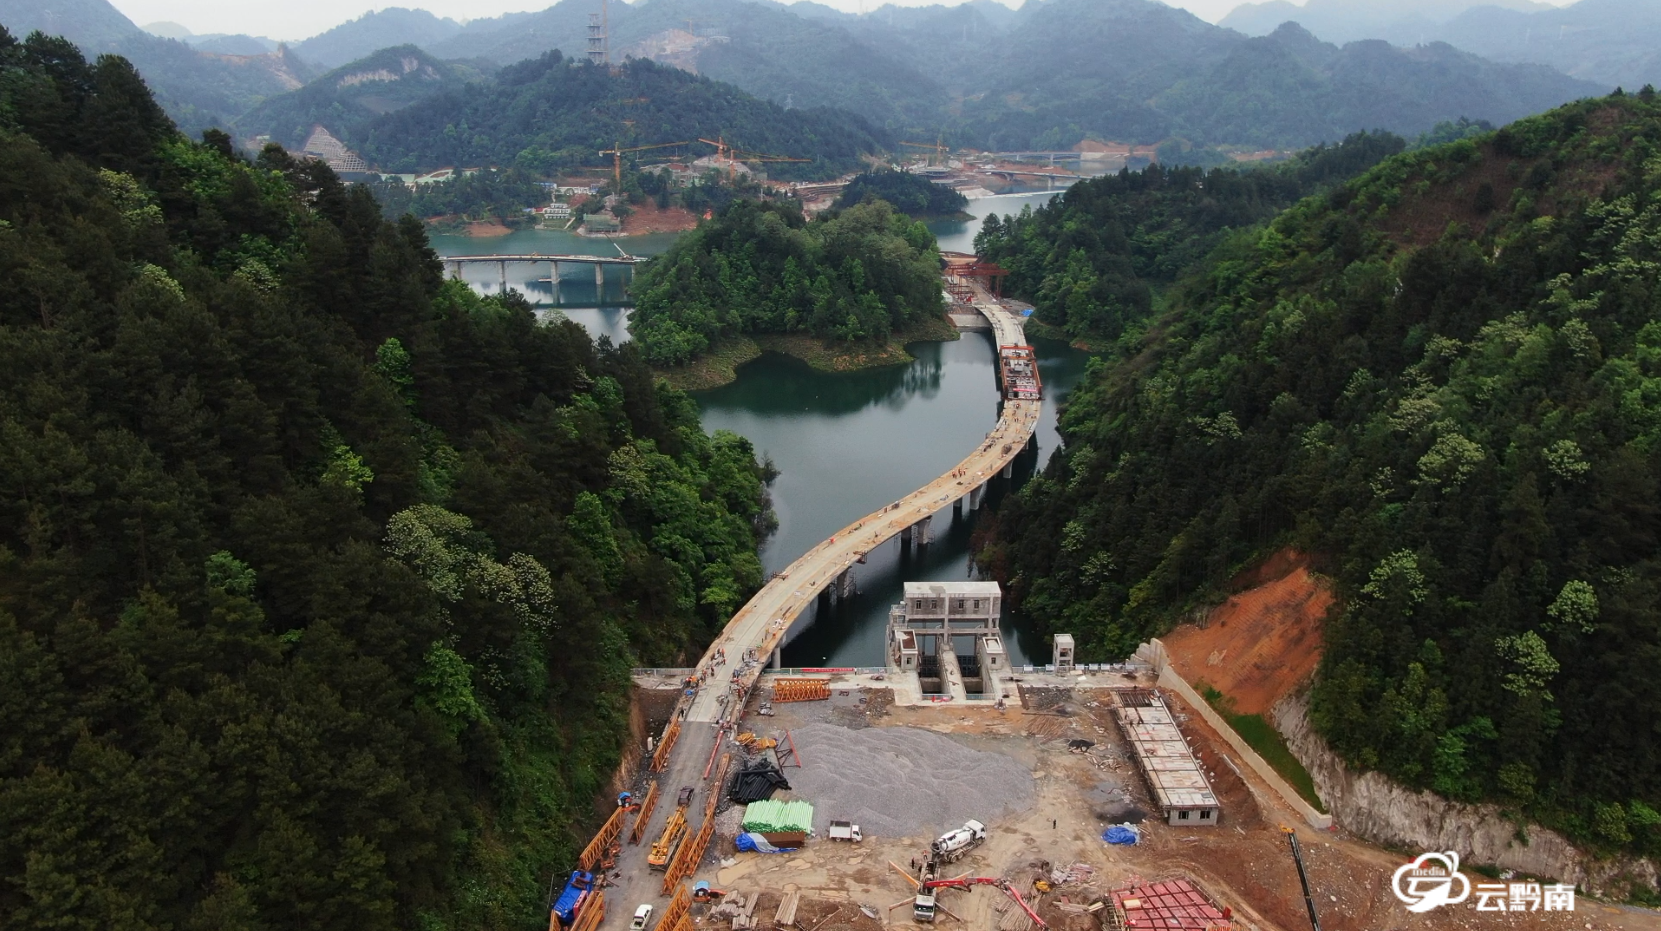 【綠博園建設進行時】綠博園7號橋架設工作完成  園區所有橋梁轉入裝飾階段